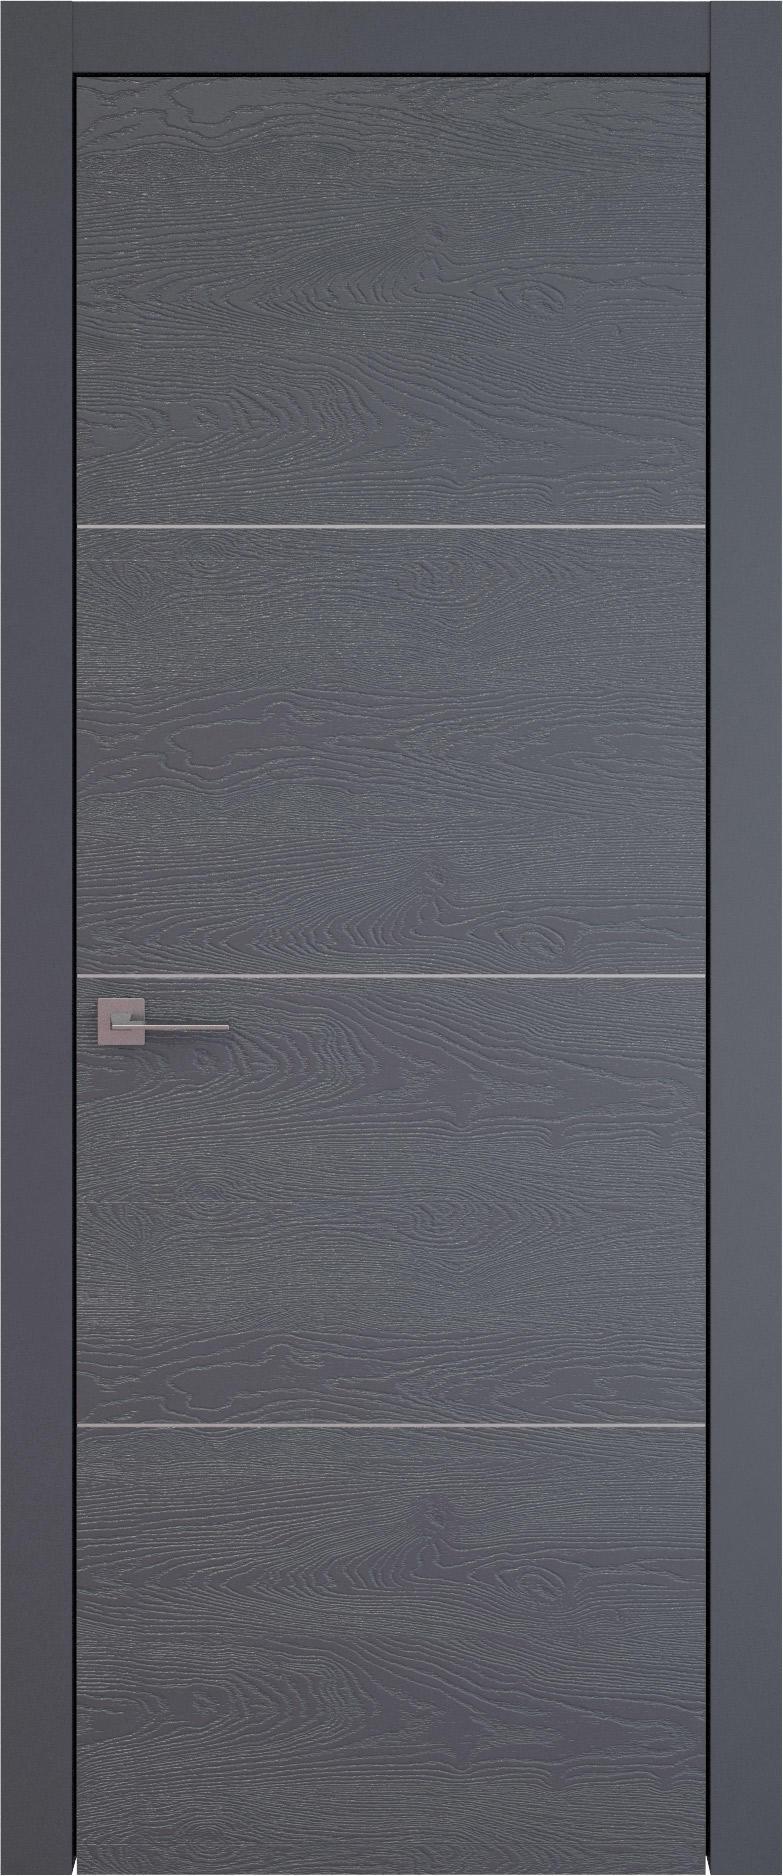 Tivoli Г-3 цвет - Графитово-серая эмаль по шпону (RAL 7024) Без стекла (ДГ)